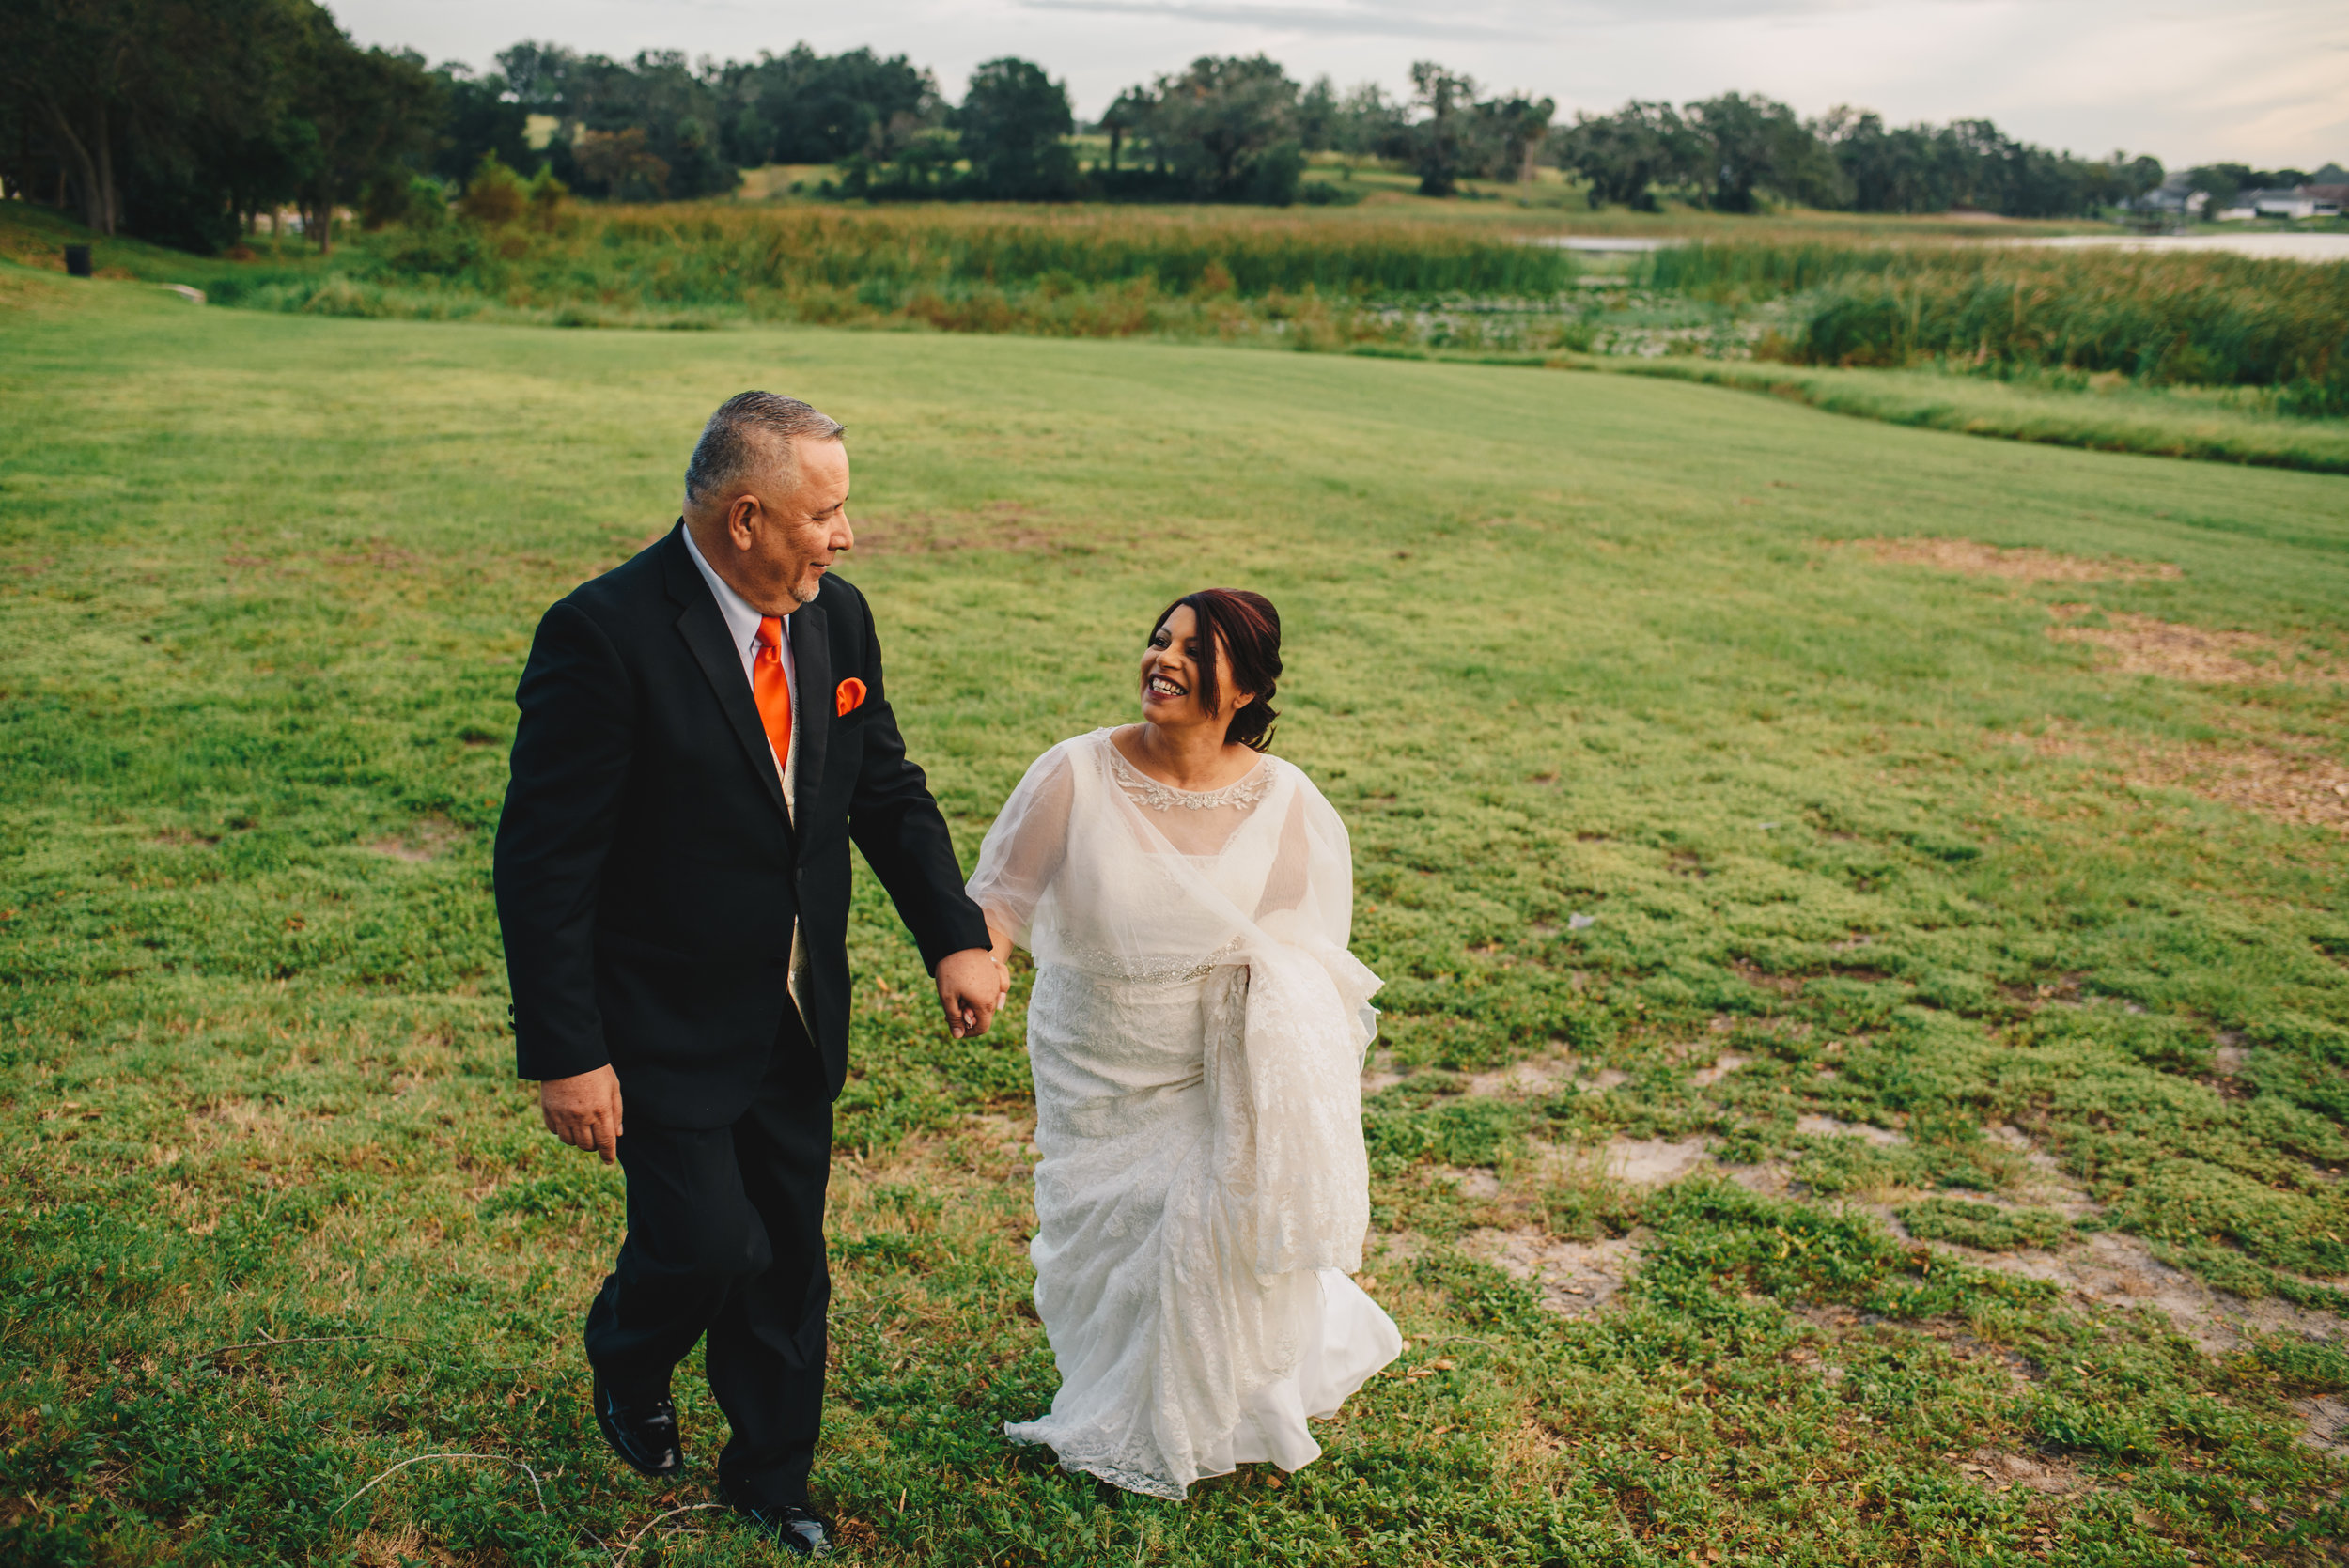 Los-Vargas-Photo-Wedding-Vow-Renewal-Central-Florida-158.jpg